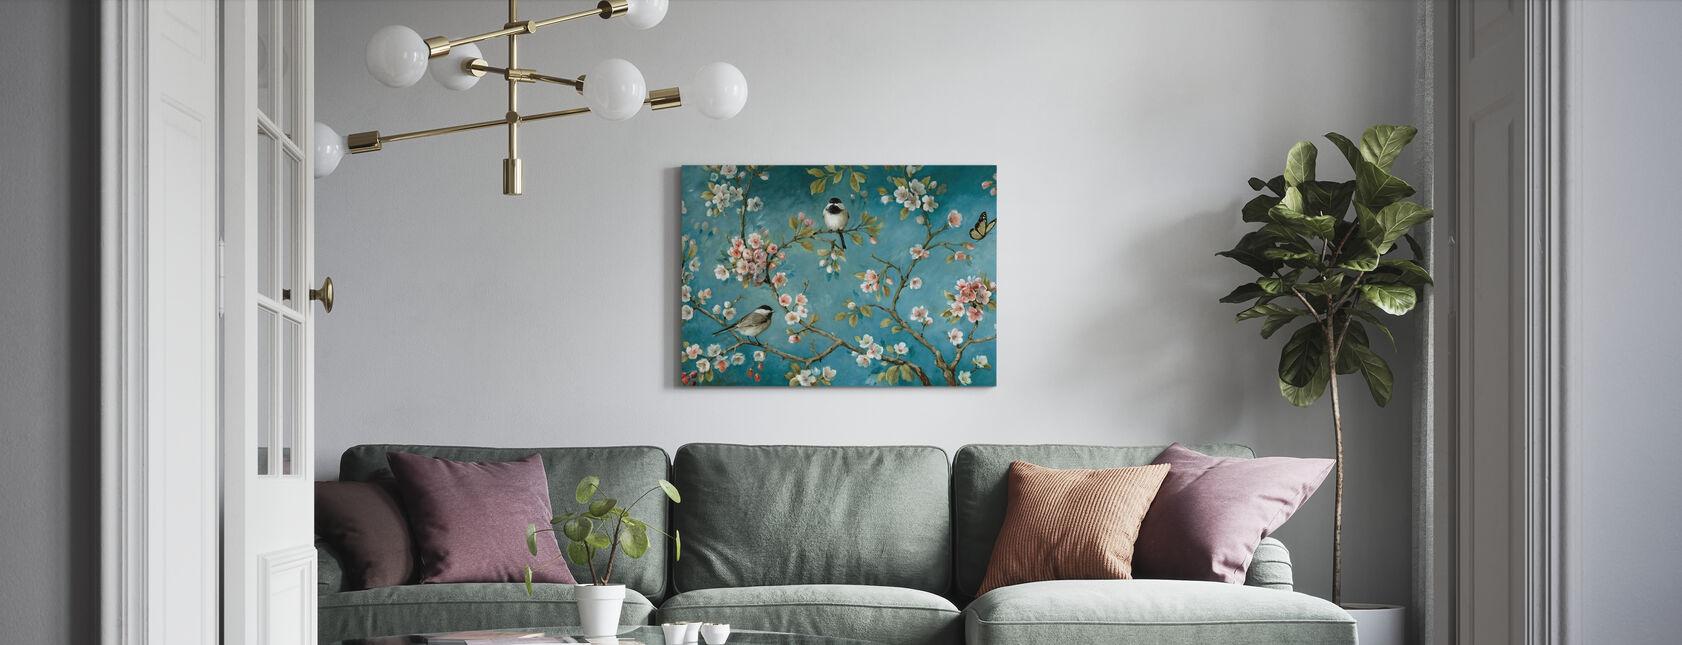 Blomma - Canvastavla - Vardagsrum